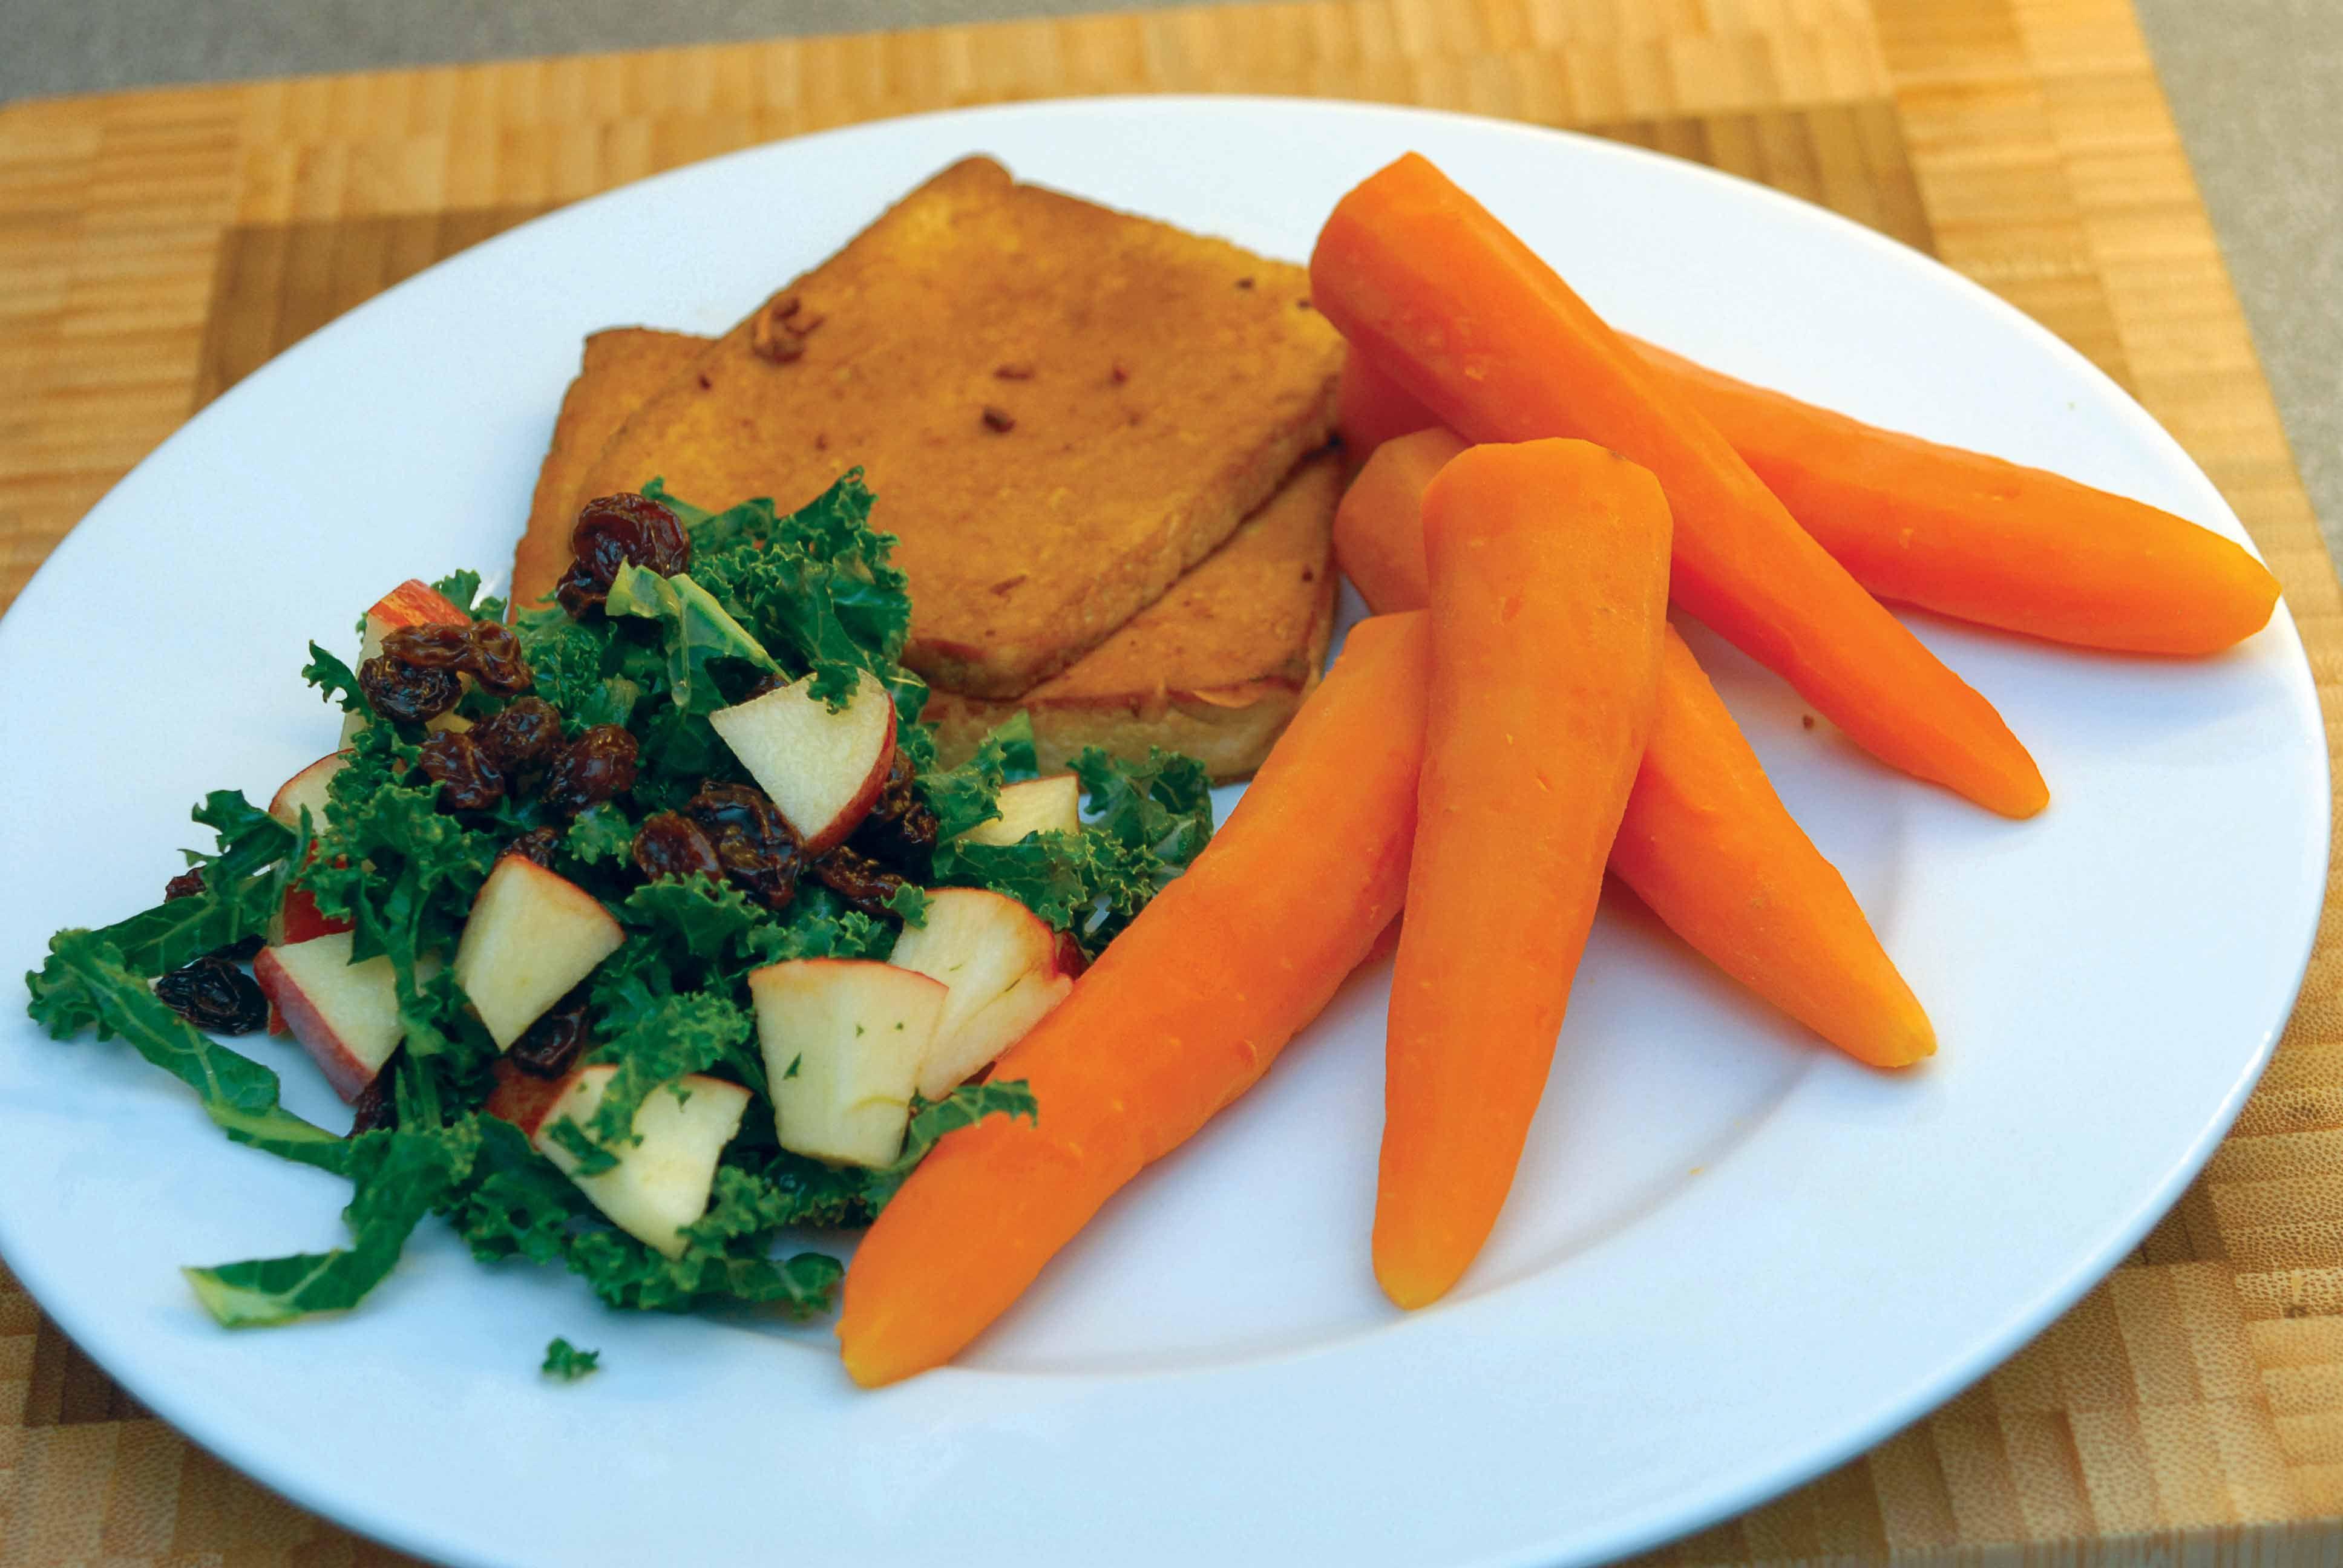 Grillet tofu, kogte gulerødder og grønkålssalat | Anima.dk